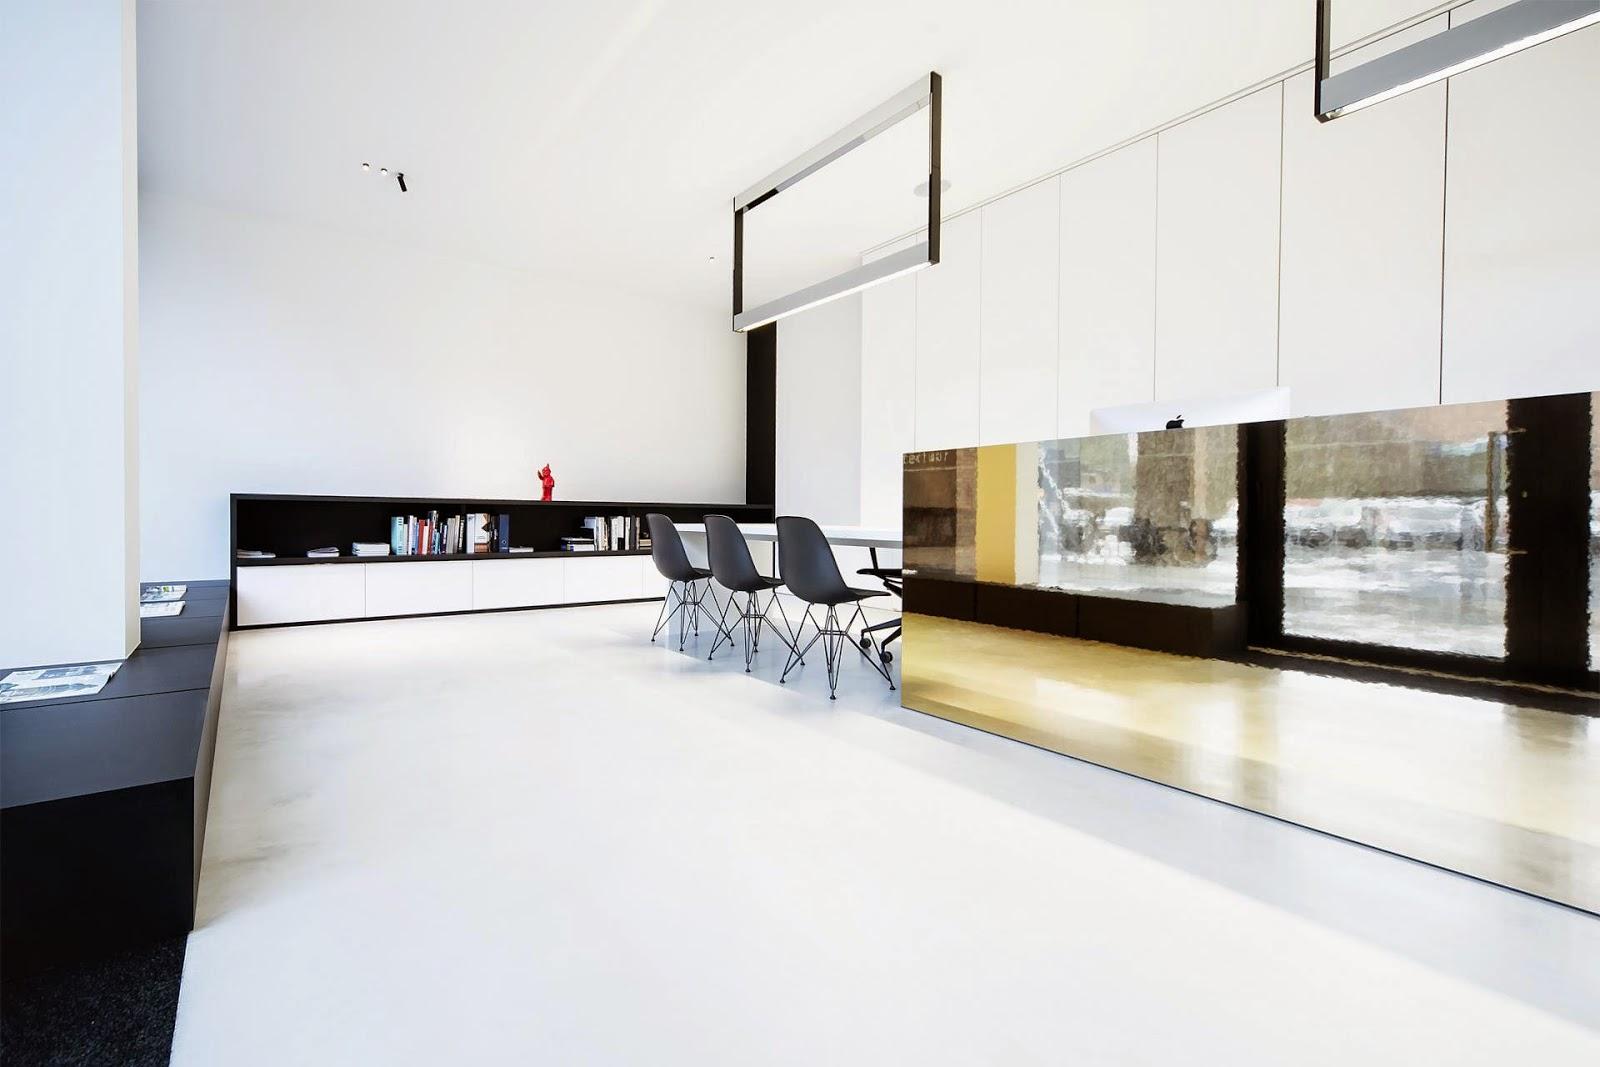 Simplicity love office belgium imore interieurarchitectuur